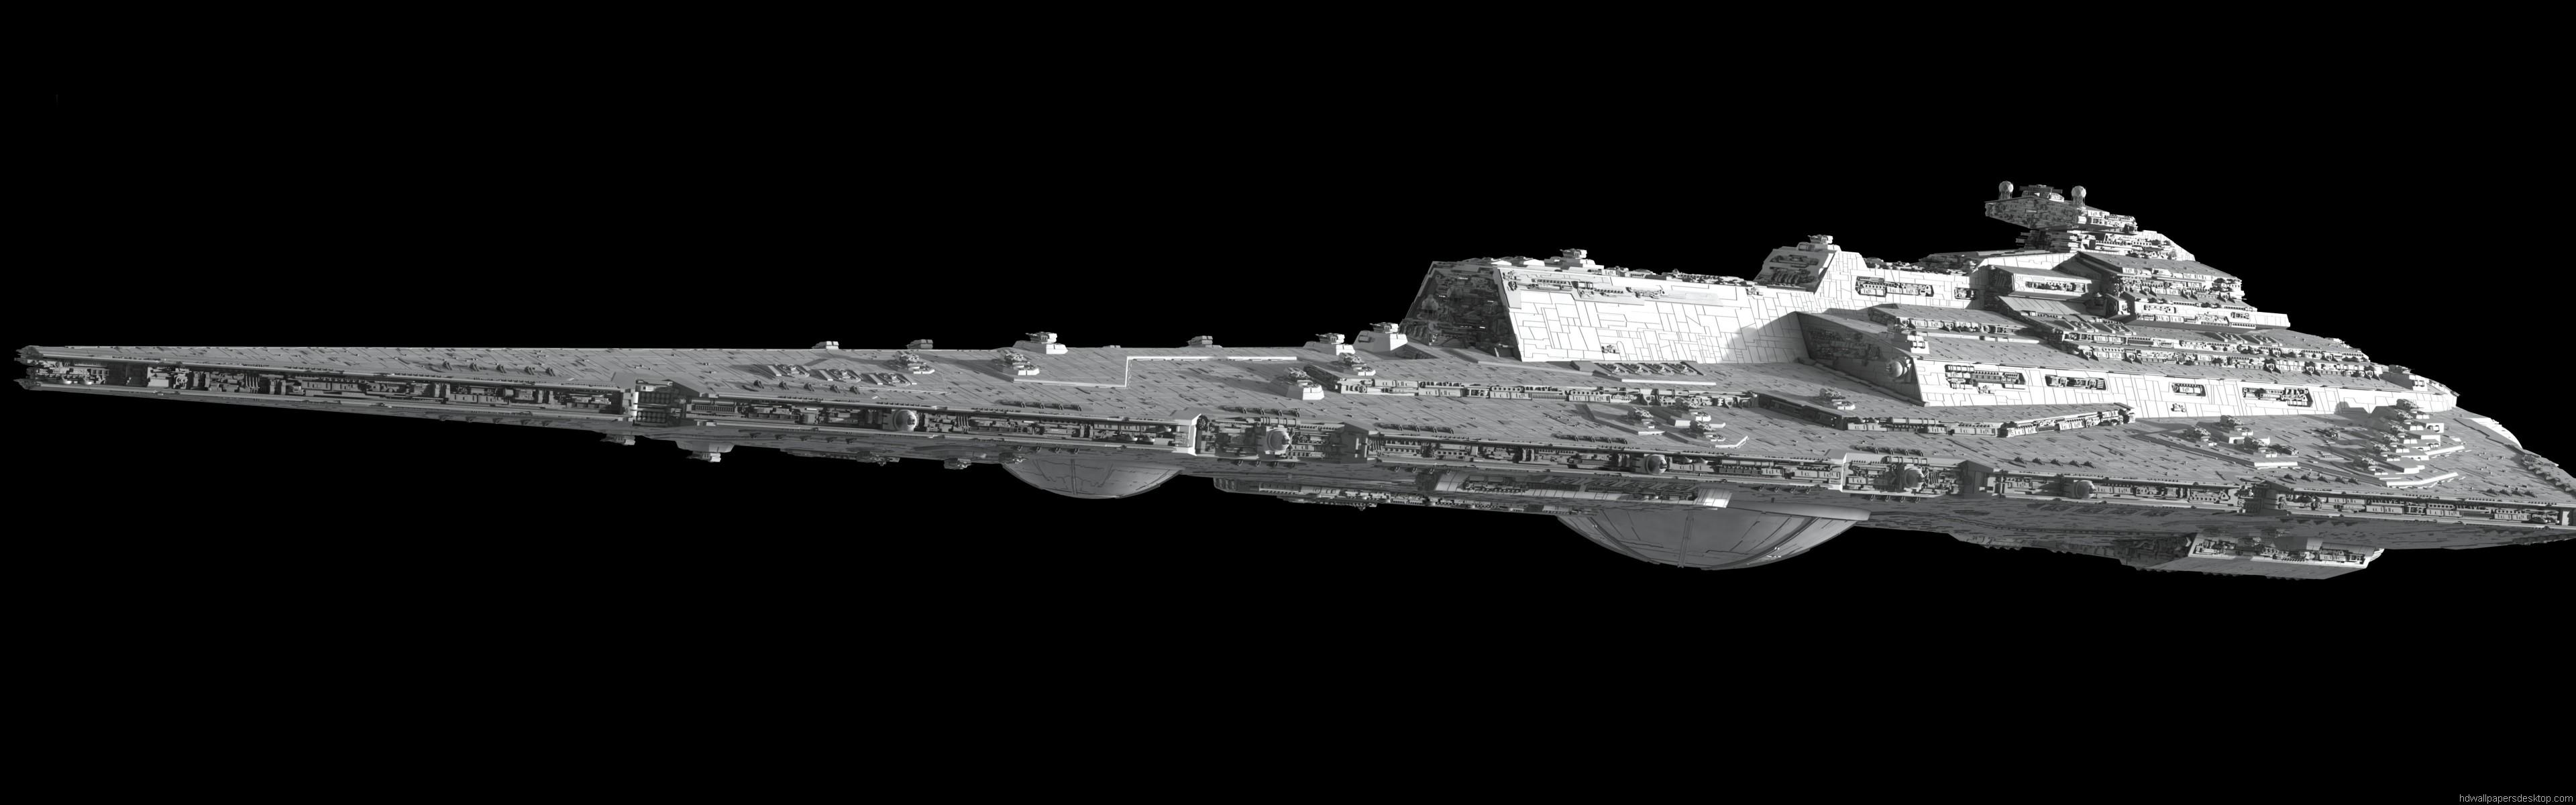 panoramic star wars wallpaper 3840×1080 dual monitor wallpaper 63 .